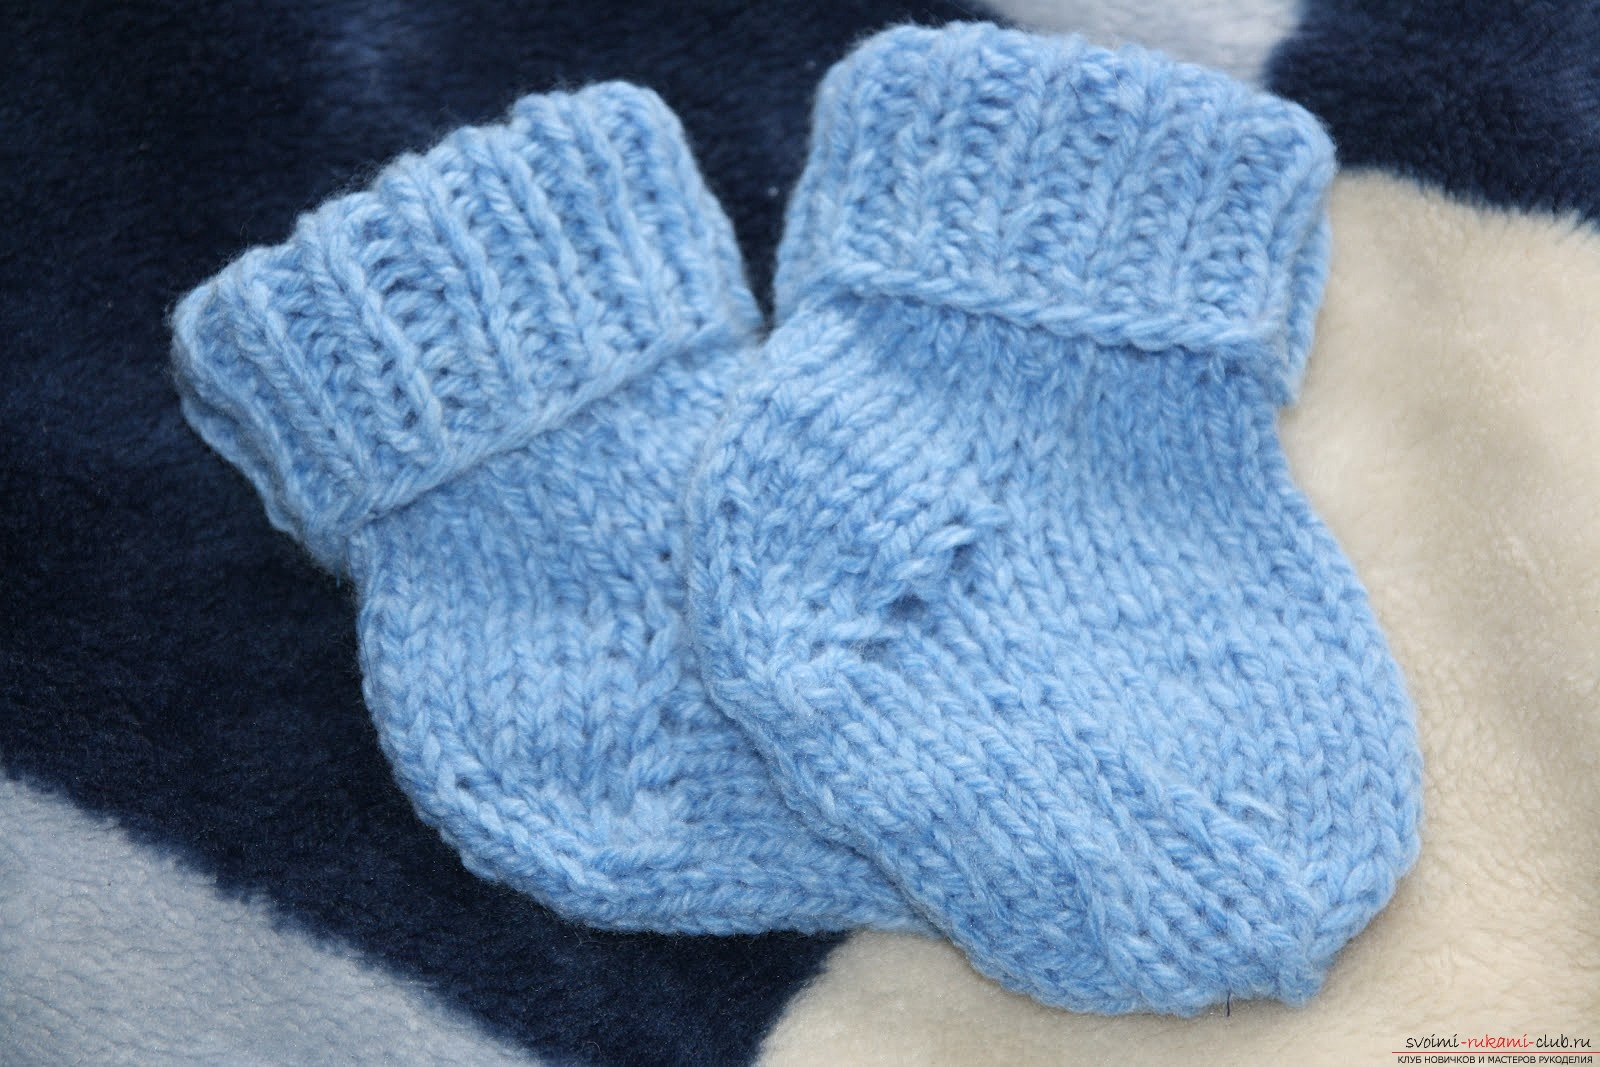 Вяжем теплые носочки для ребенка. Мастер-класс для начинающих рукодельниц с фото. Фото №1